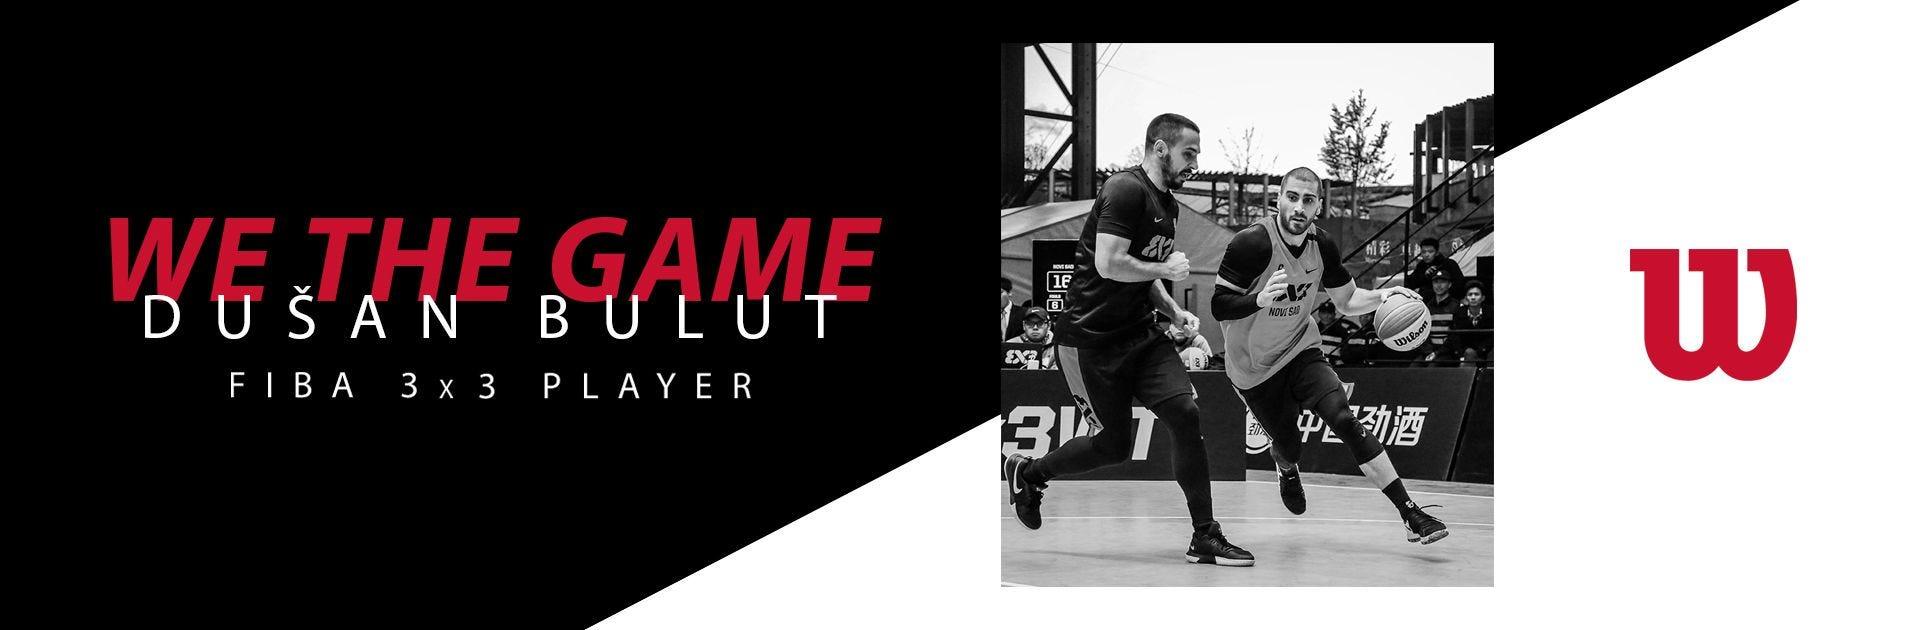 We the Game: Dusan Bulut Fiba 3x3 player